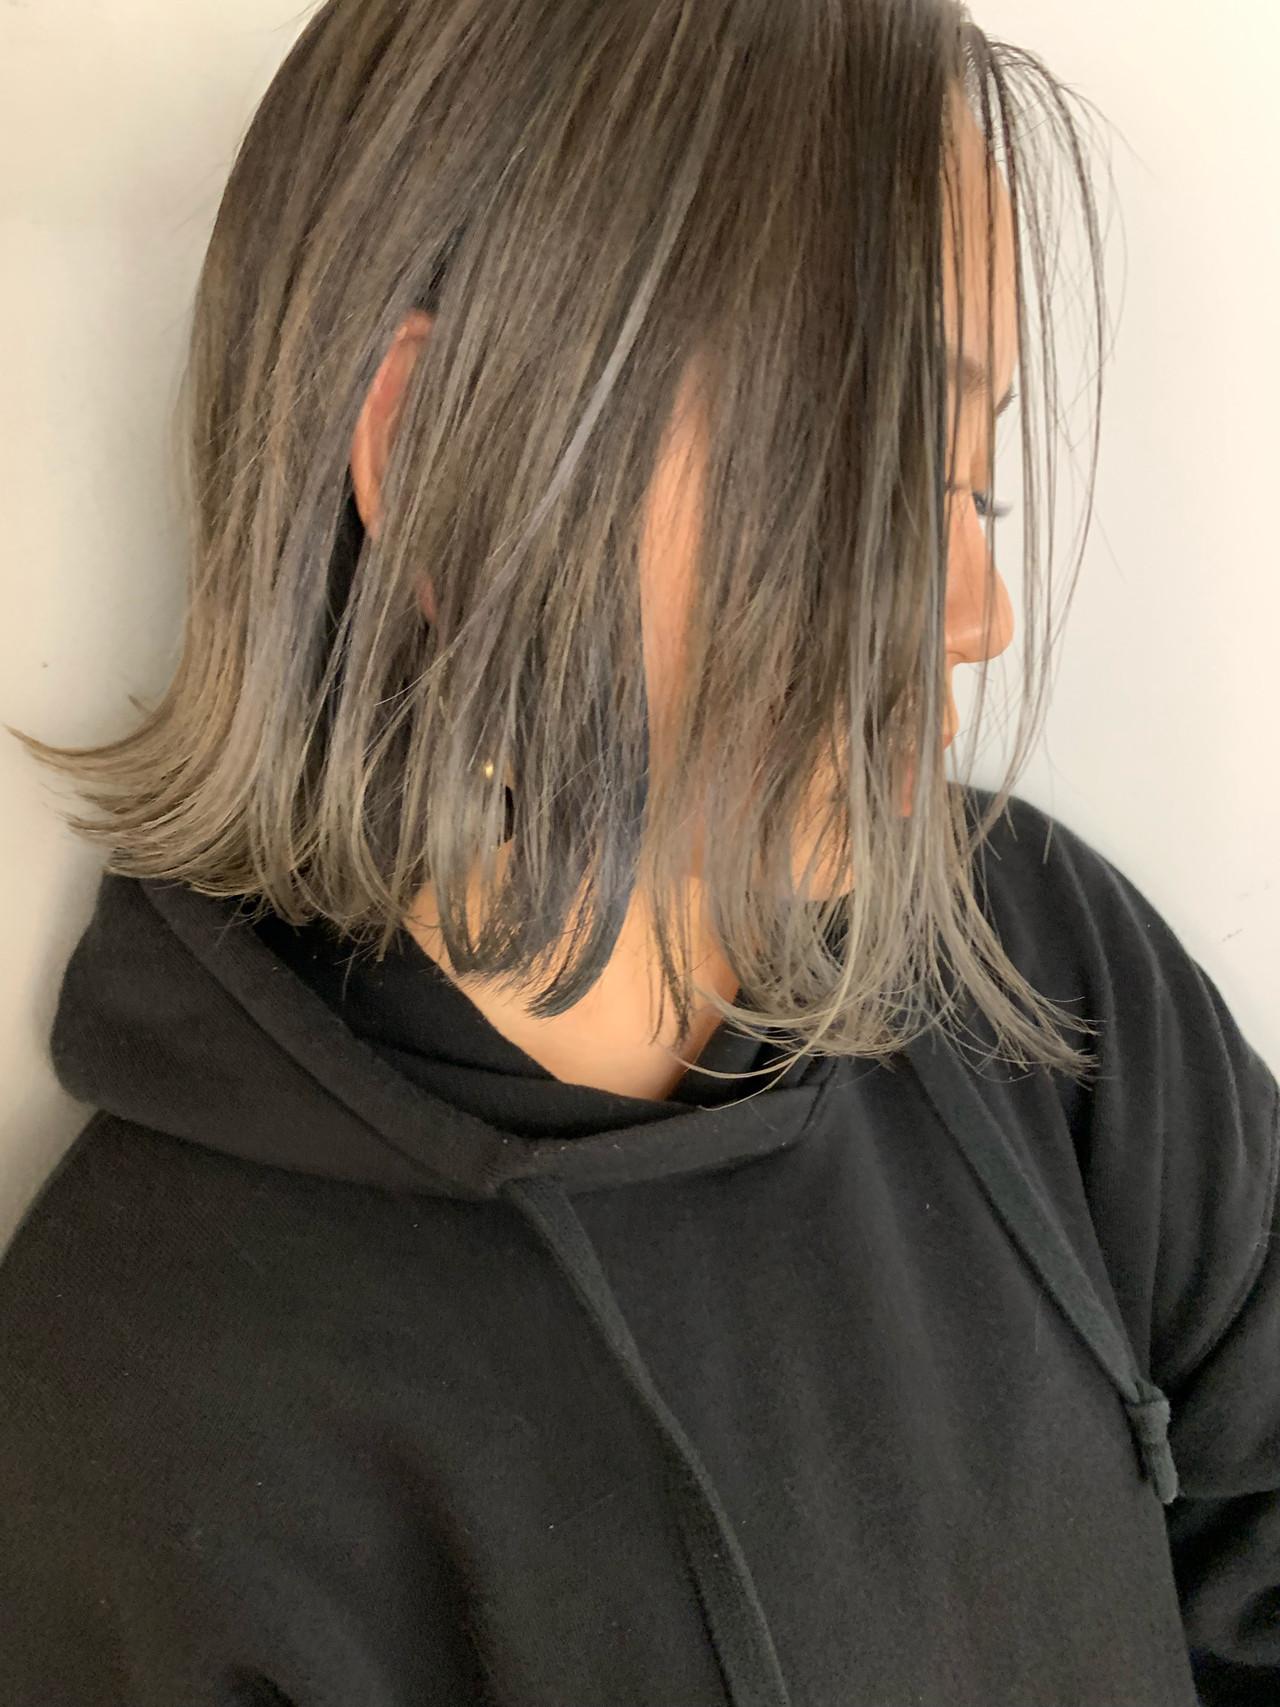 バレイヤージュ アッシュグラデーション 外ハネボブ グラデーションカラー ヘアスタイルや髪型の写真・画像